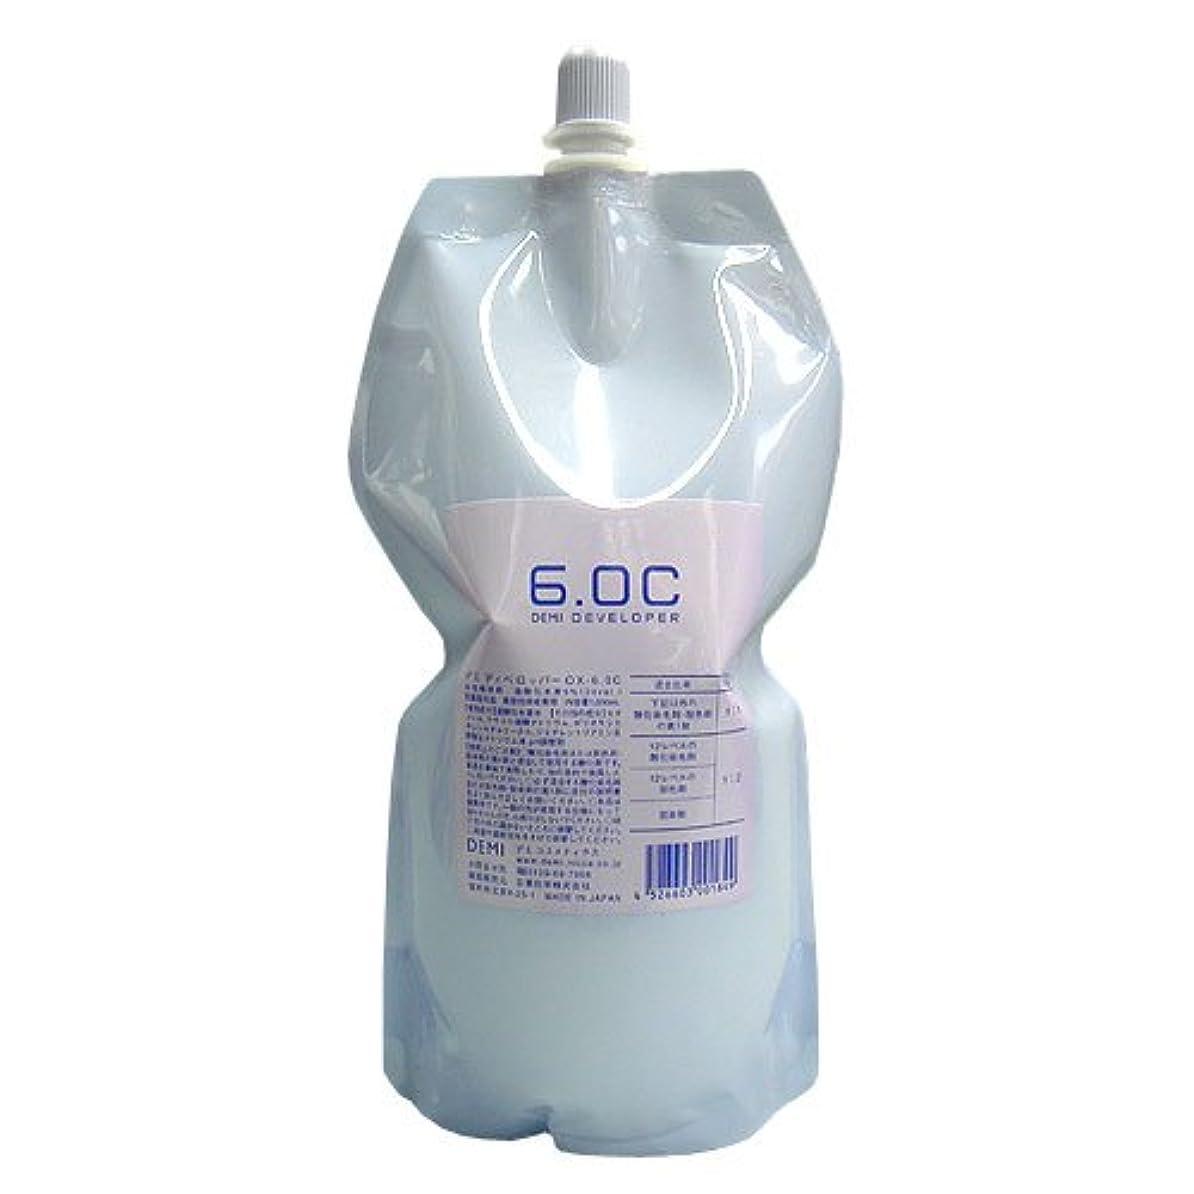 伝染性の放つスキップデミ ディベロッパー1000ml(レフィル) 6.0%【ヘアカラー2剤】【業務用】【医薬部外品】